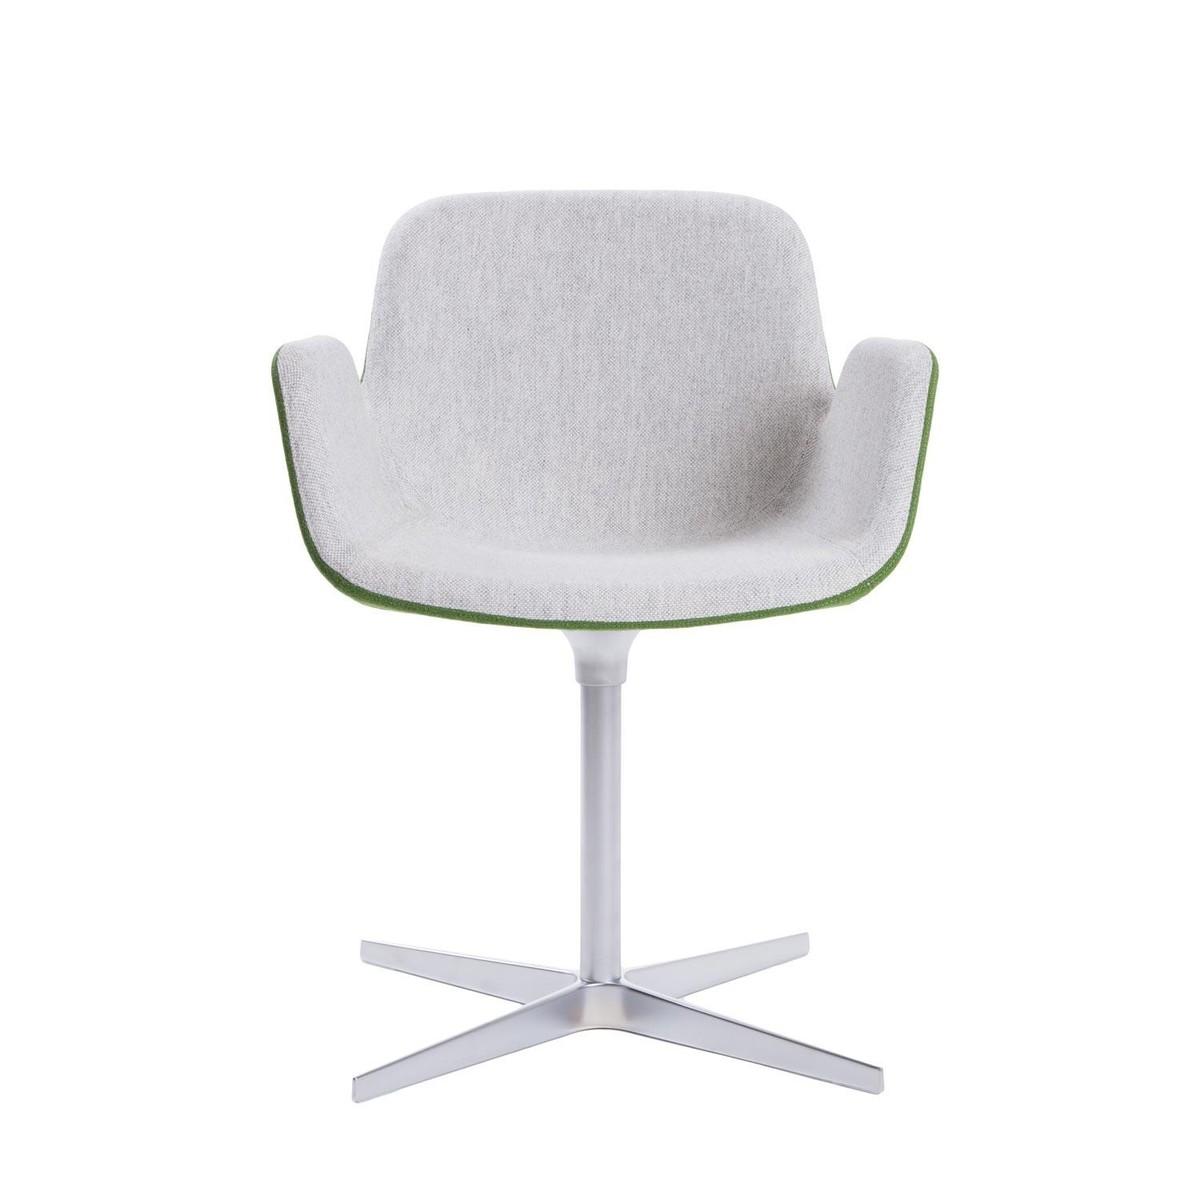 Pass chaise pivotante avec accoudoirs la palma for Chaise pivotante design